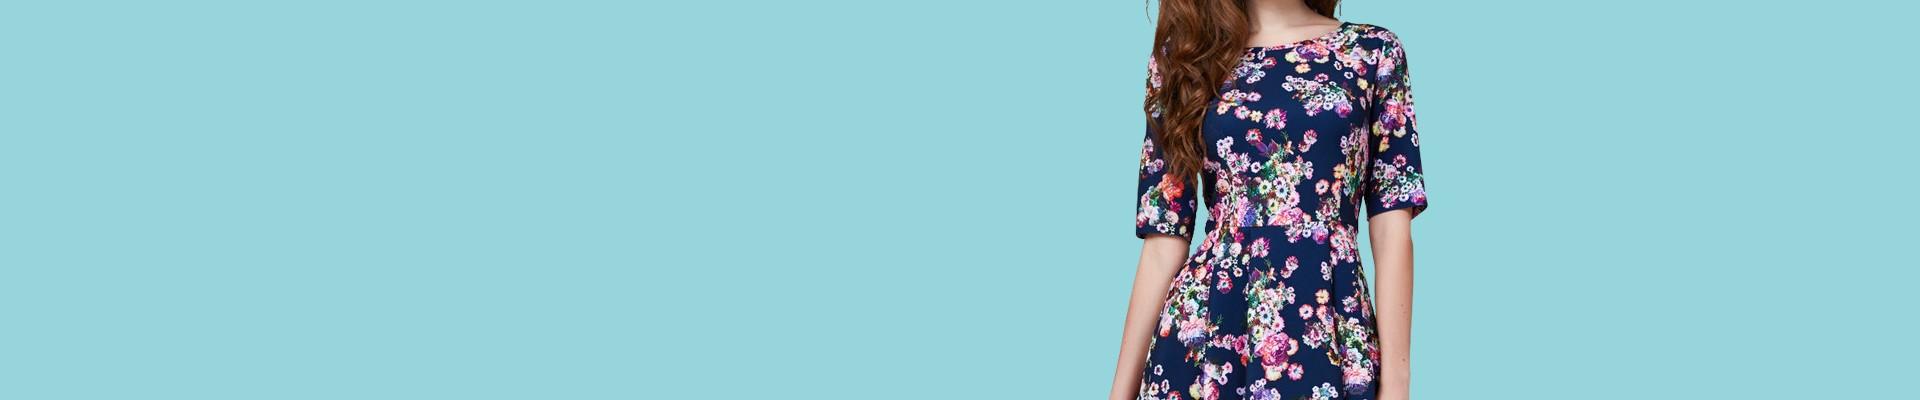 Jual Dresses - Beli Dress & Gaun Wanita Online